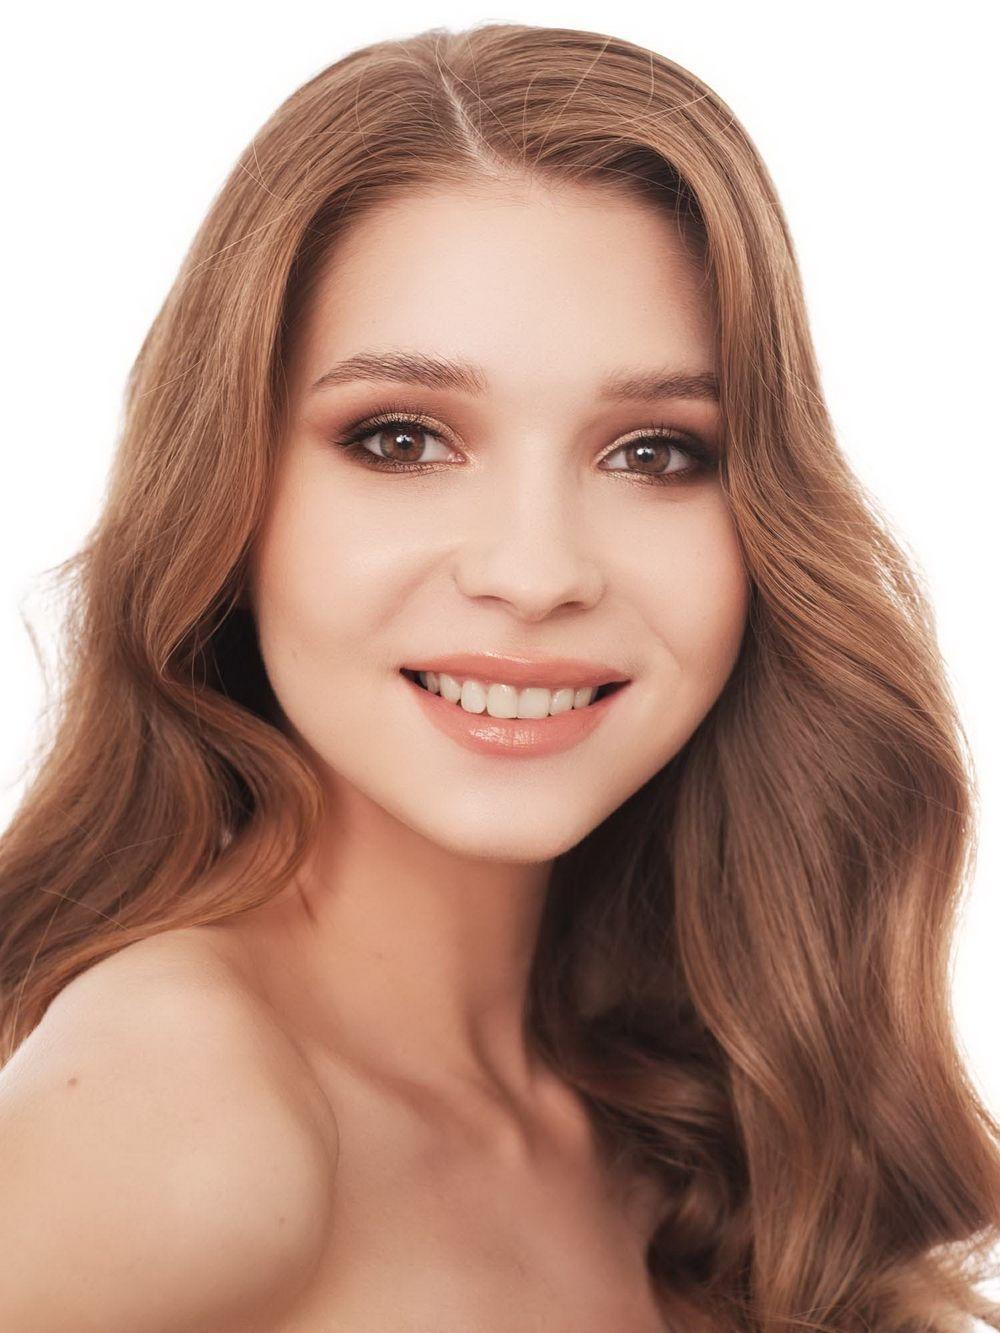 №5. Анастасия Рыжикова. Возраст: 20 лет. Рост: 172 см.